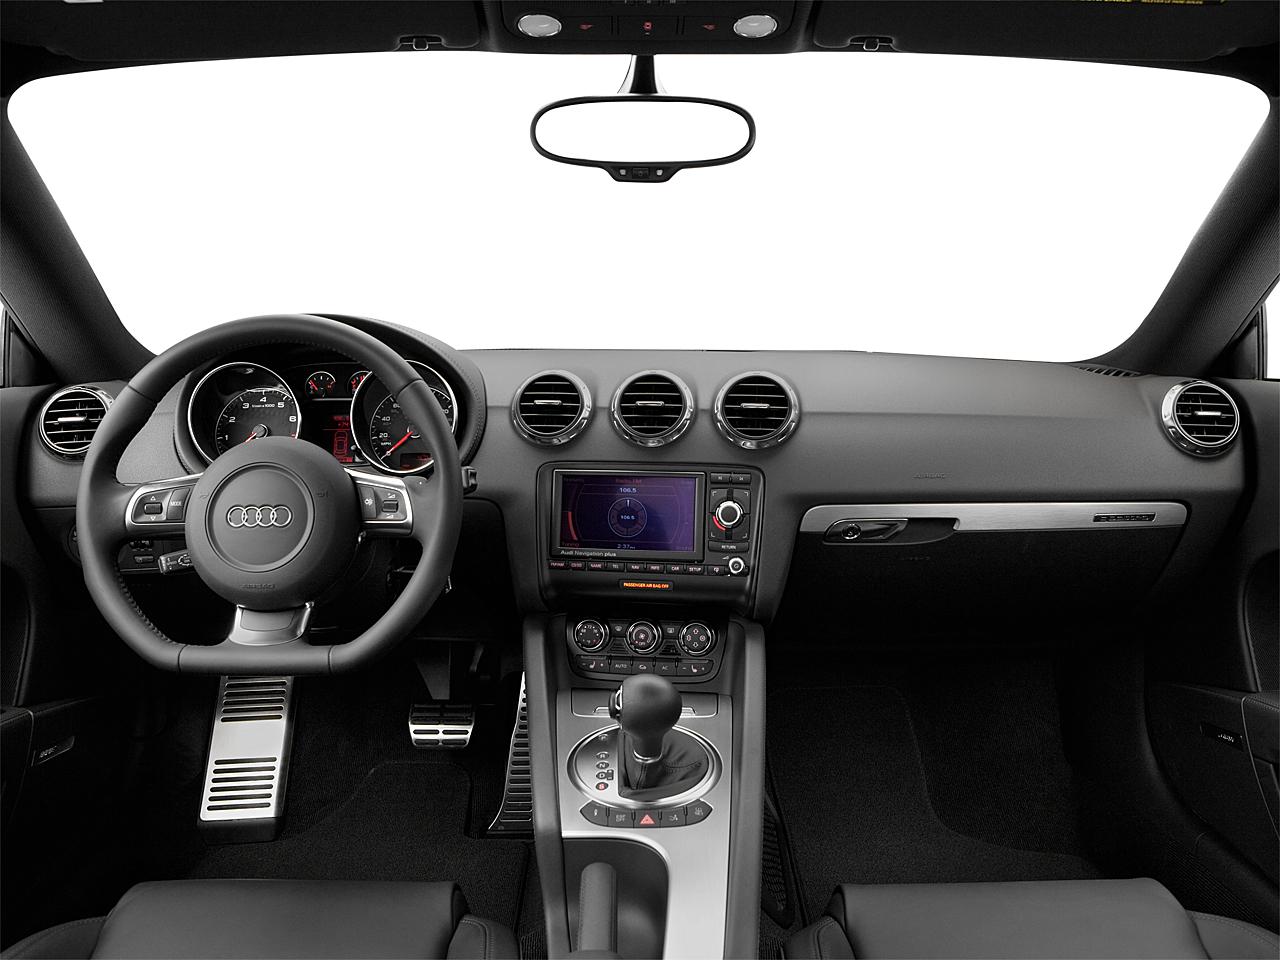 Kelebihan Audi Tt 3.2 V6 Review